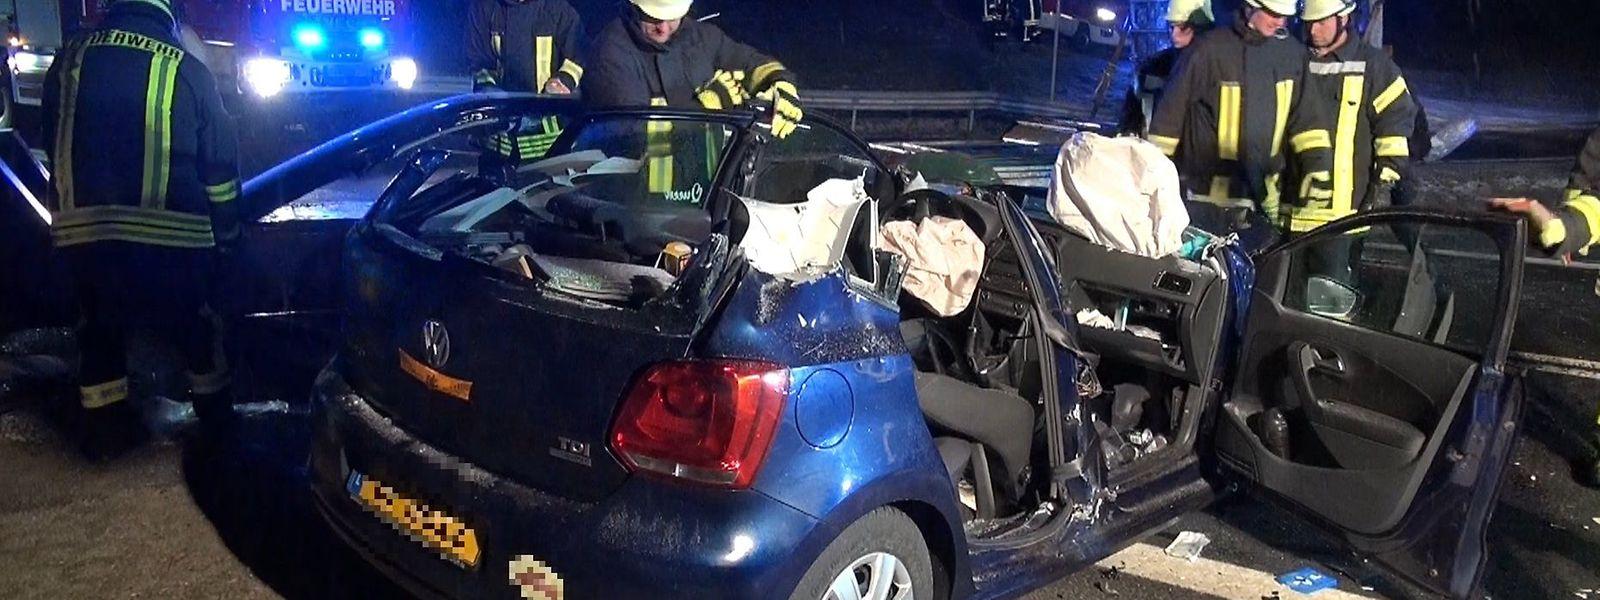 Die beiden Insassen des in Luxemburg zugelassenen VW wurden in Krankenhäuser in der Umgebung gebracht.